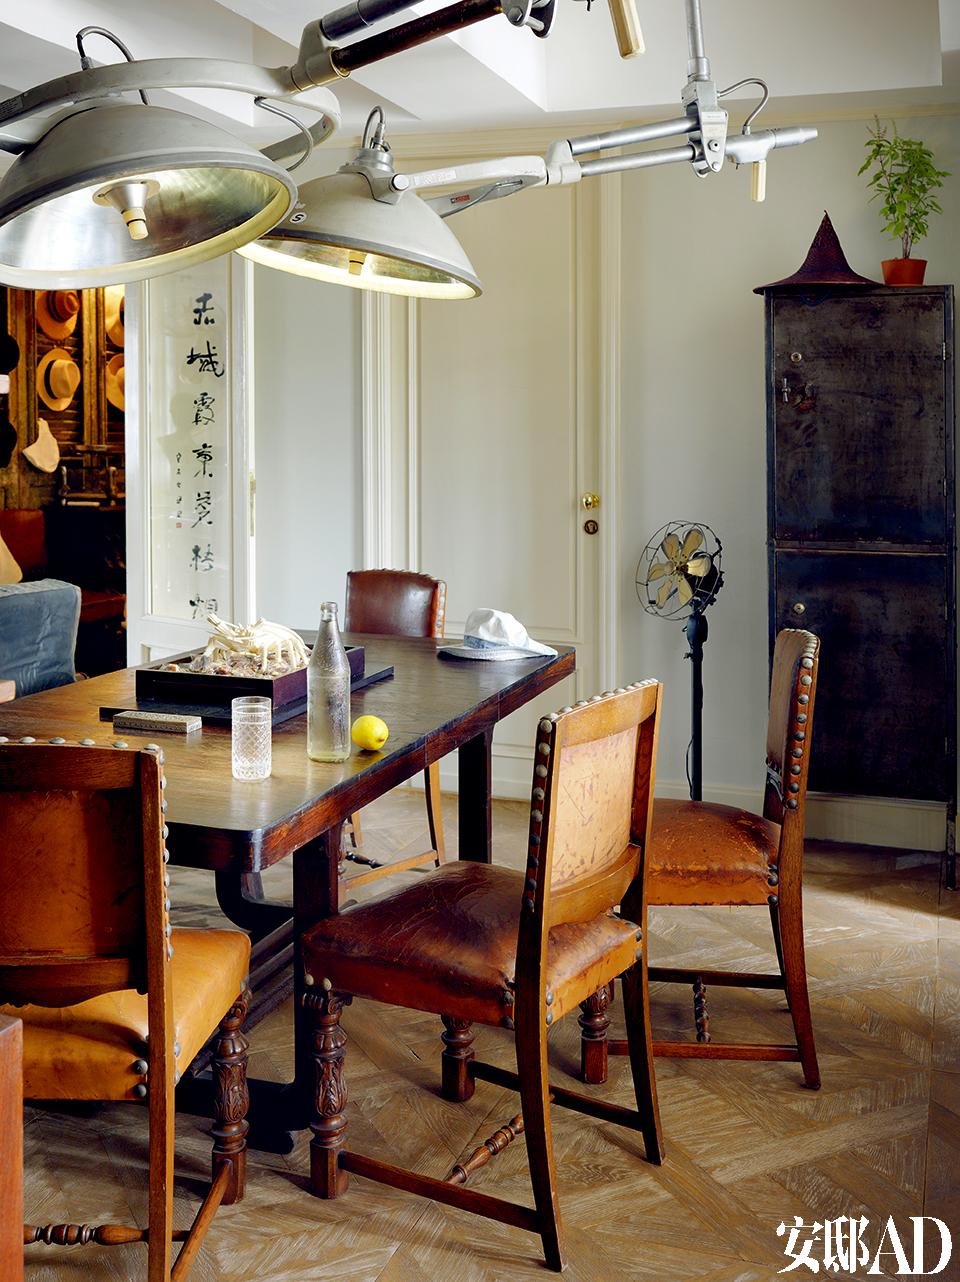 """""""从小跟着父亲逛古董店,耳濡目染下也就爱上这些老东西,我的设计亦跟古典的语汇很接近。""""用餐空间。桌子来自缅甸,桌椅购自上海,灯则是在泰国老医院拆除时的收获。"""